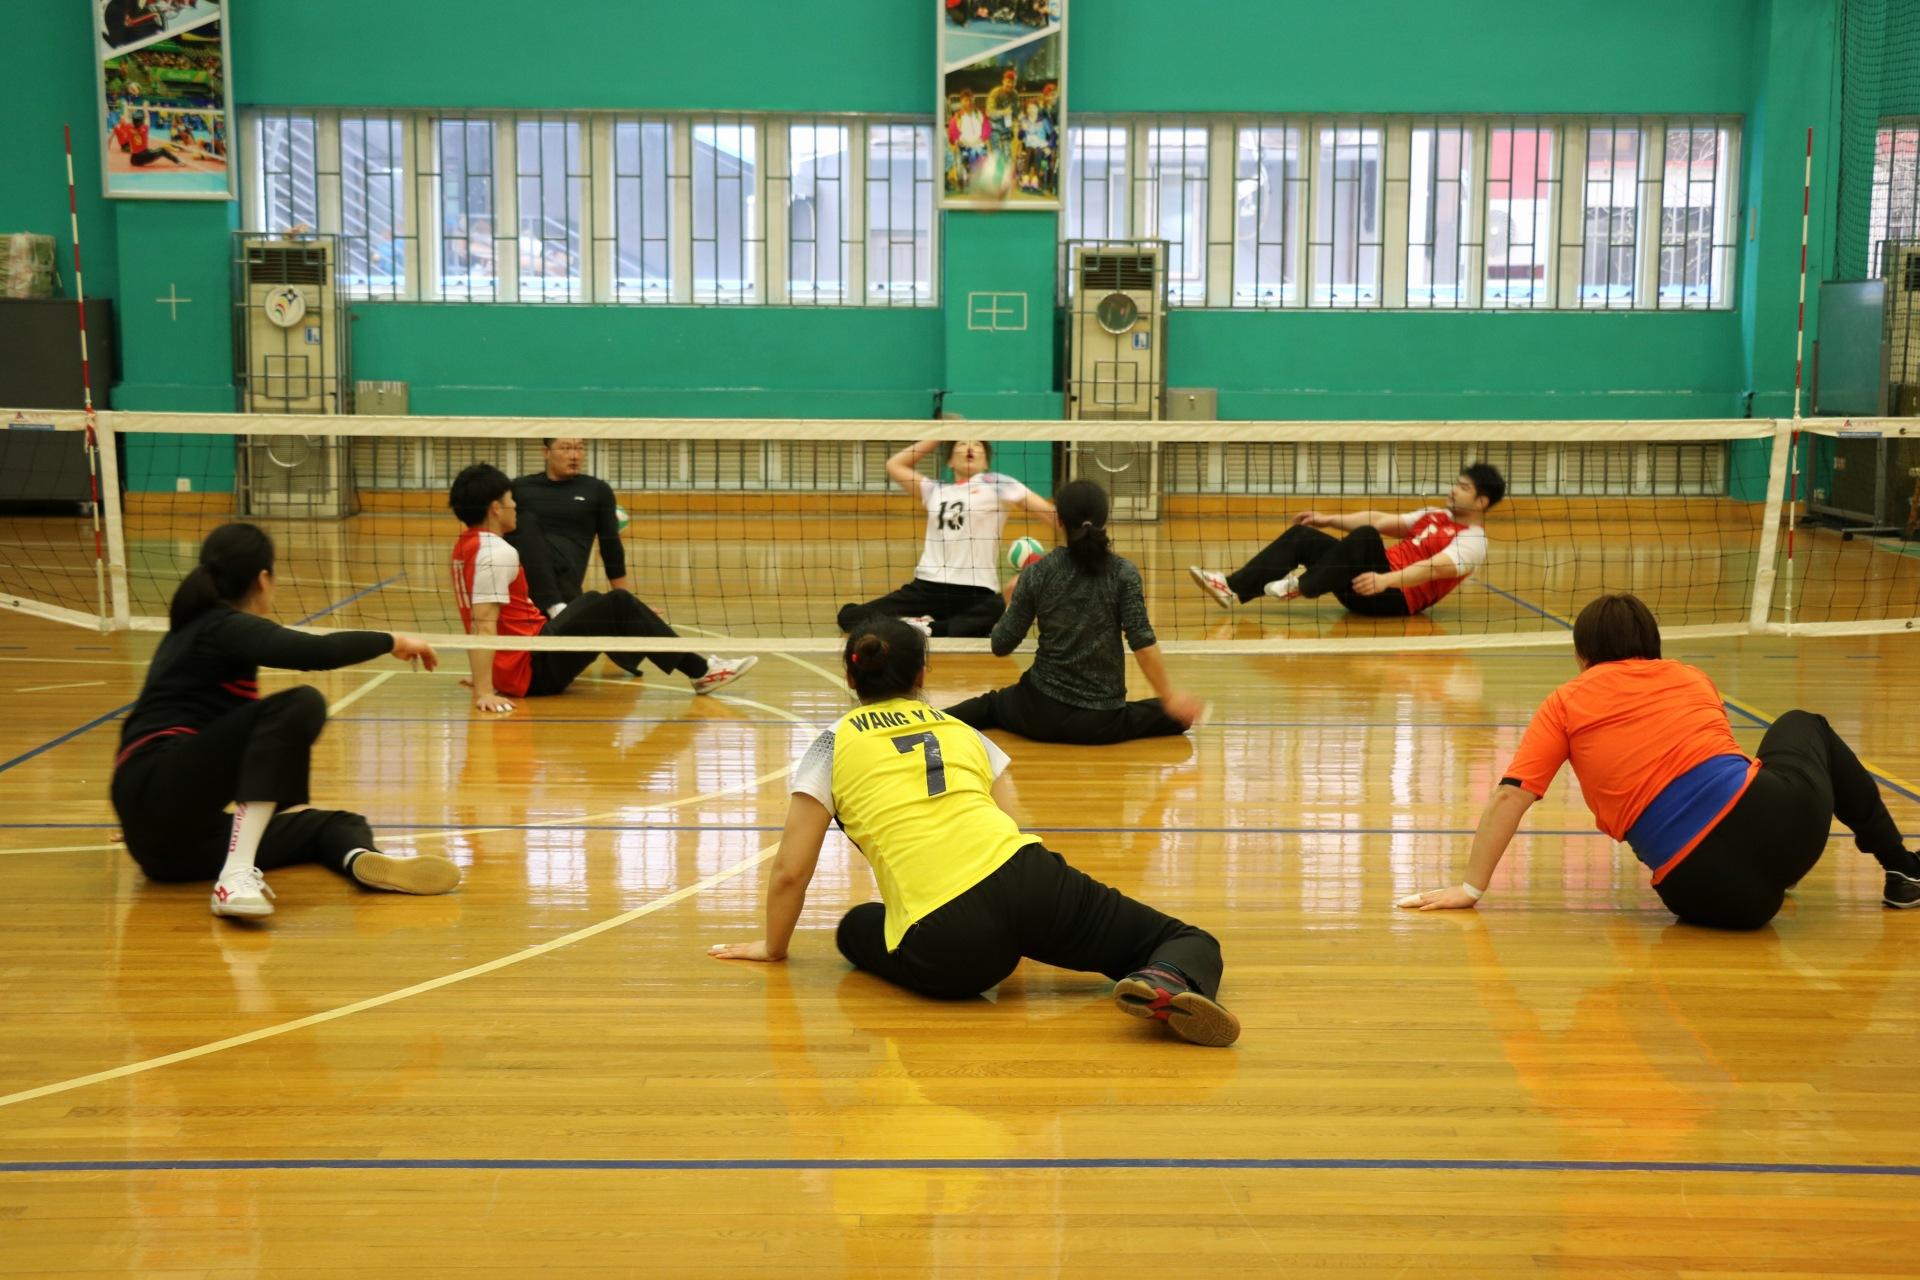 队伍正为备战东京残奥会,进行着艰苦的训练。